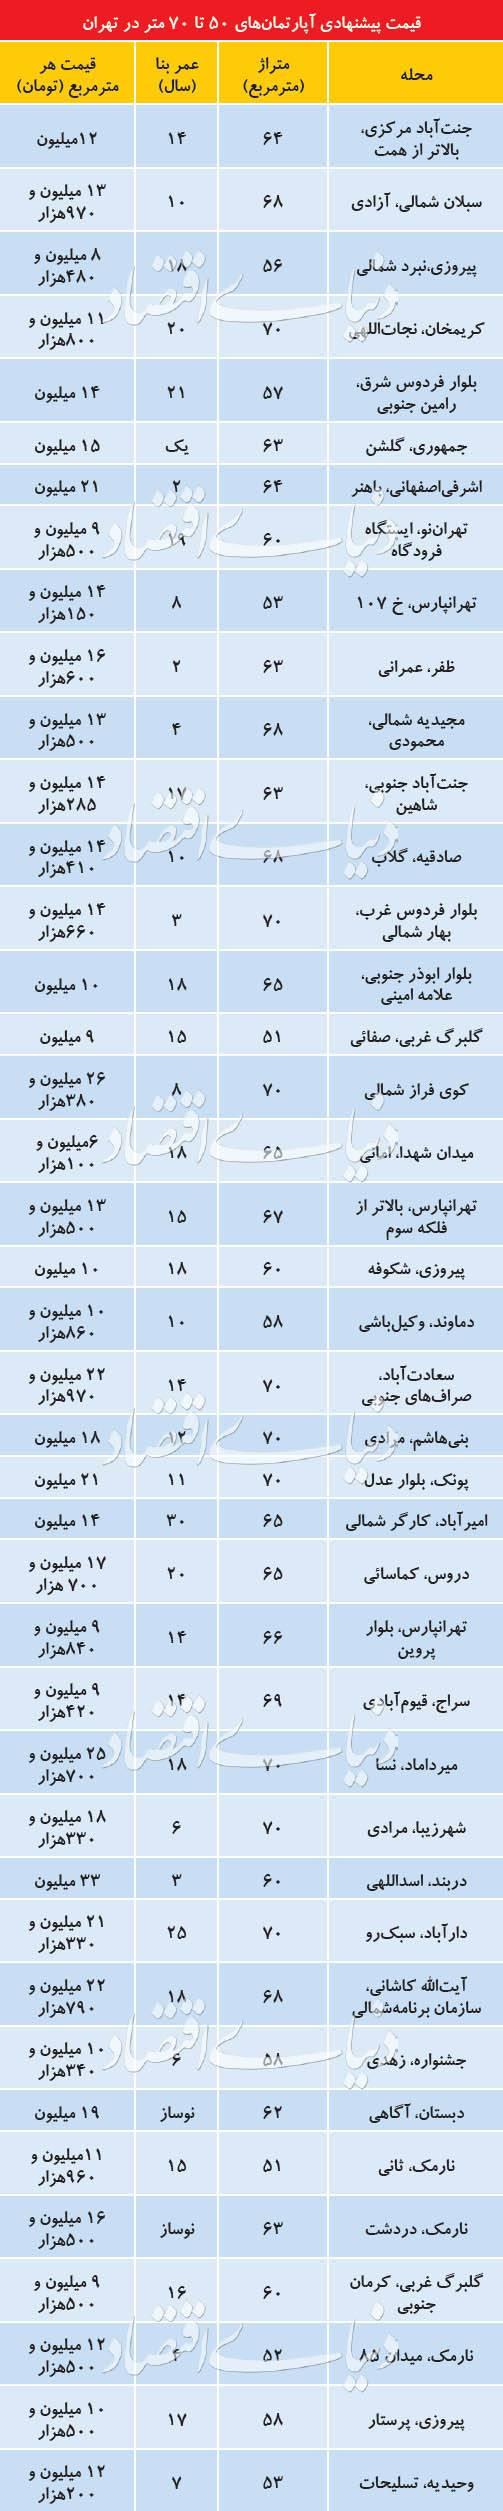 میانگین قیمتی هر مترمربع آپارتمان مسکونی در شهر تهران,اخبار اقتصادی,خبرهای اقتصادی,مسکن و عمران